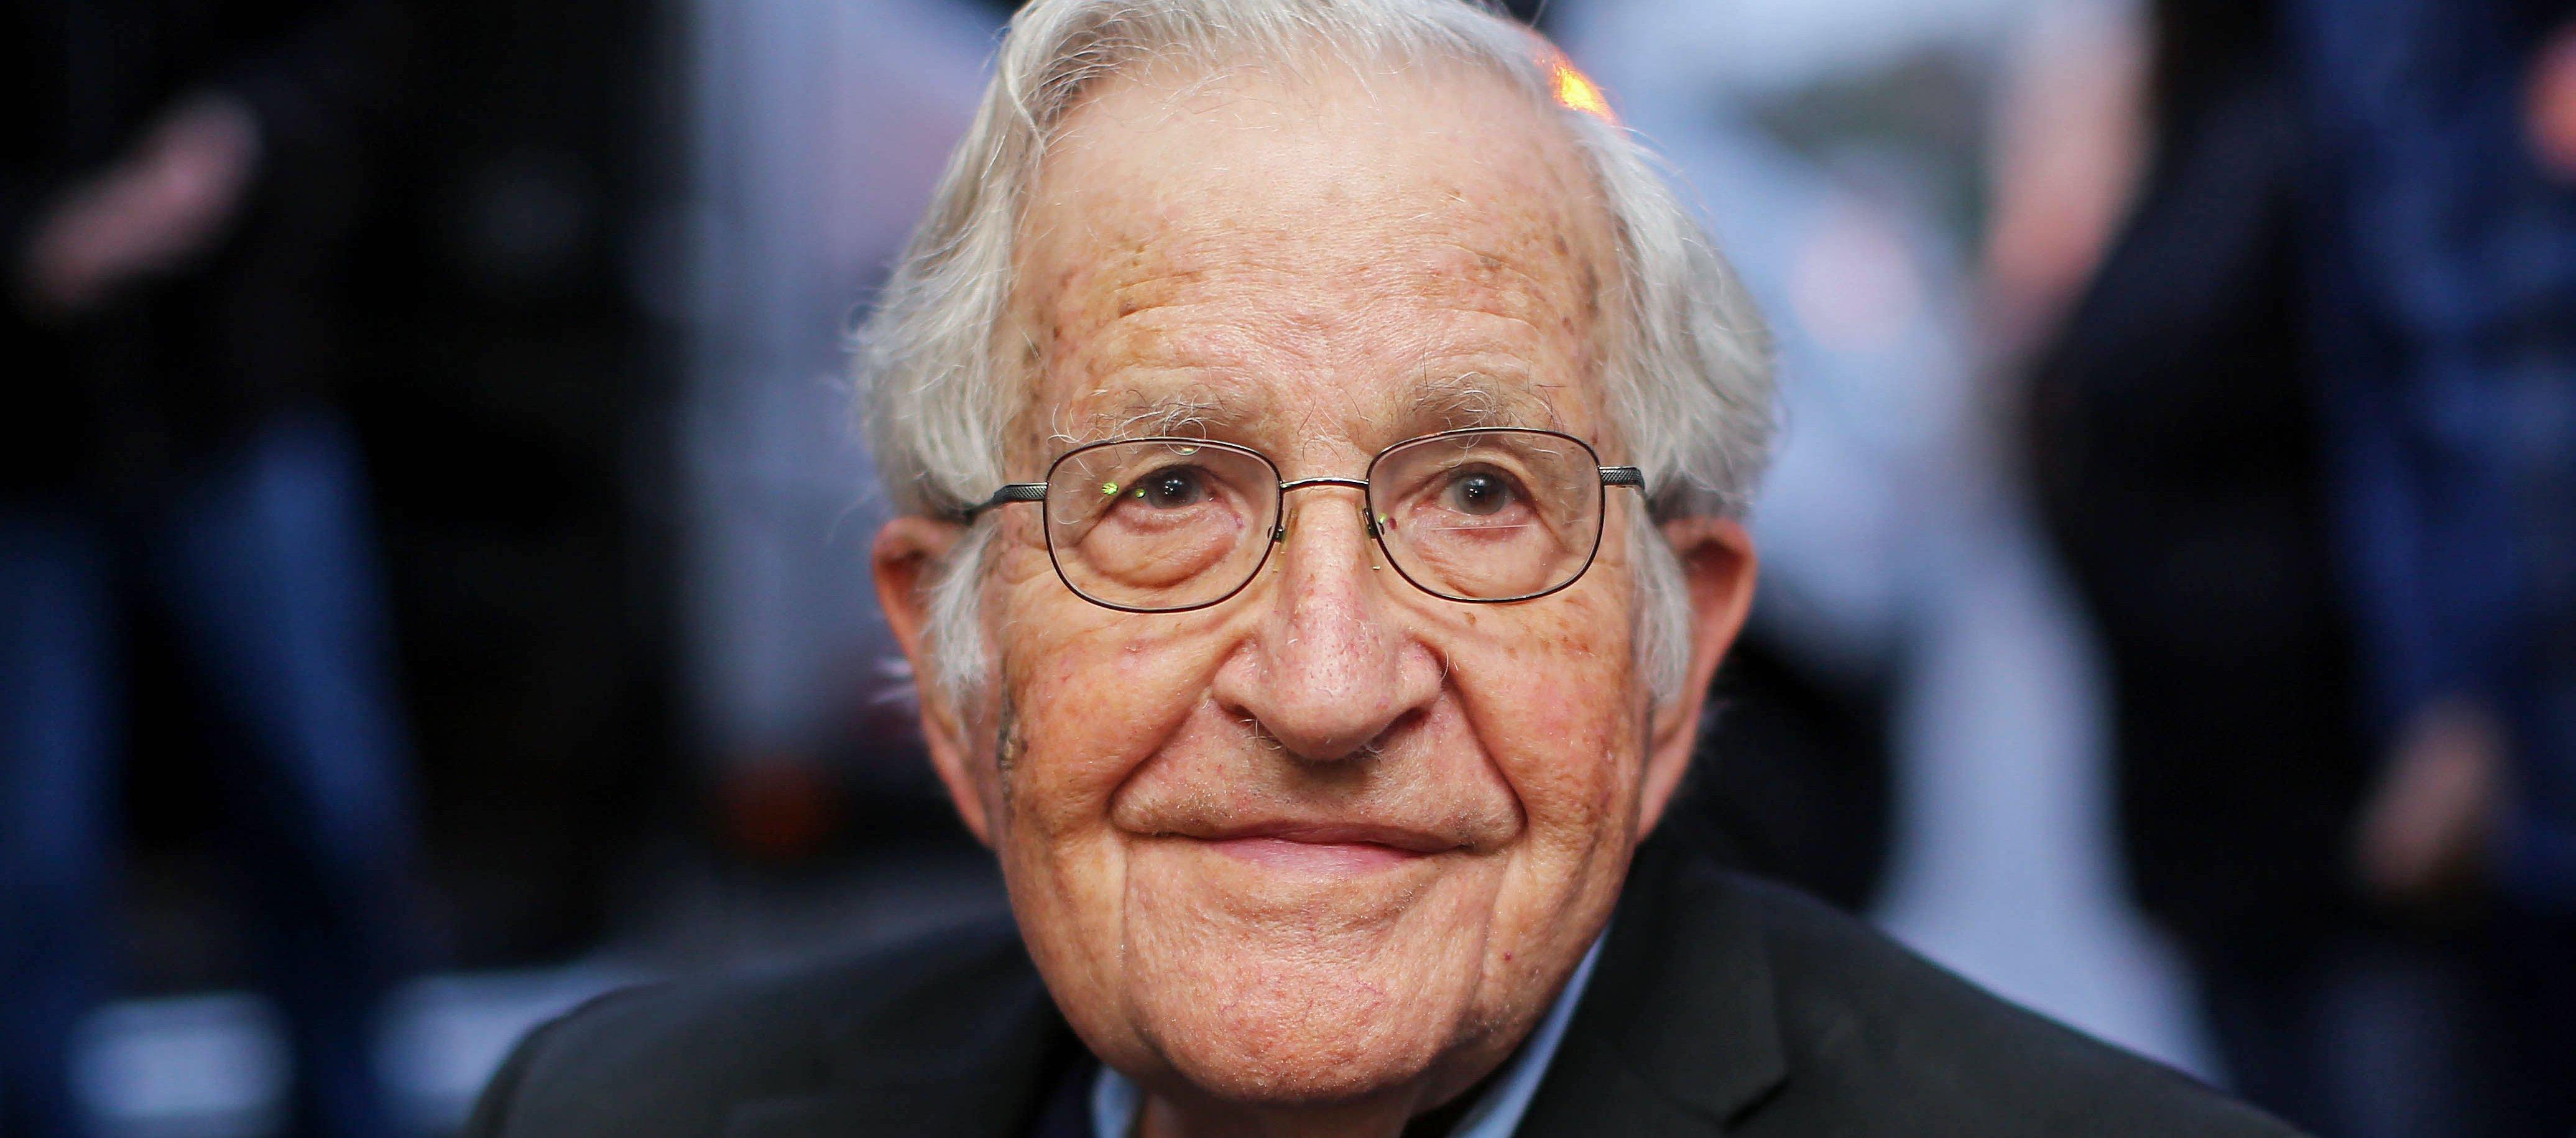 Noam Chomsky photo #100915, Noam Chomsky image